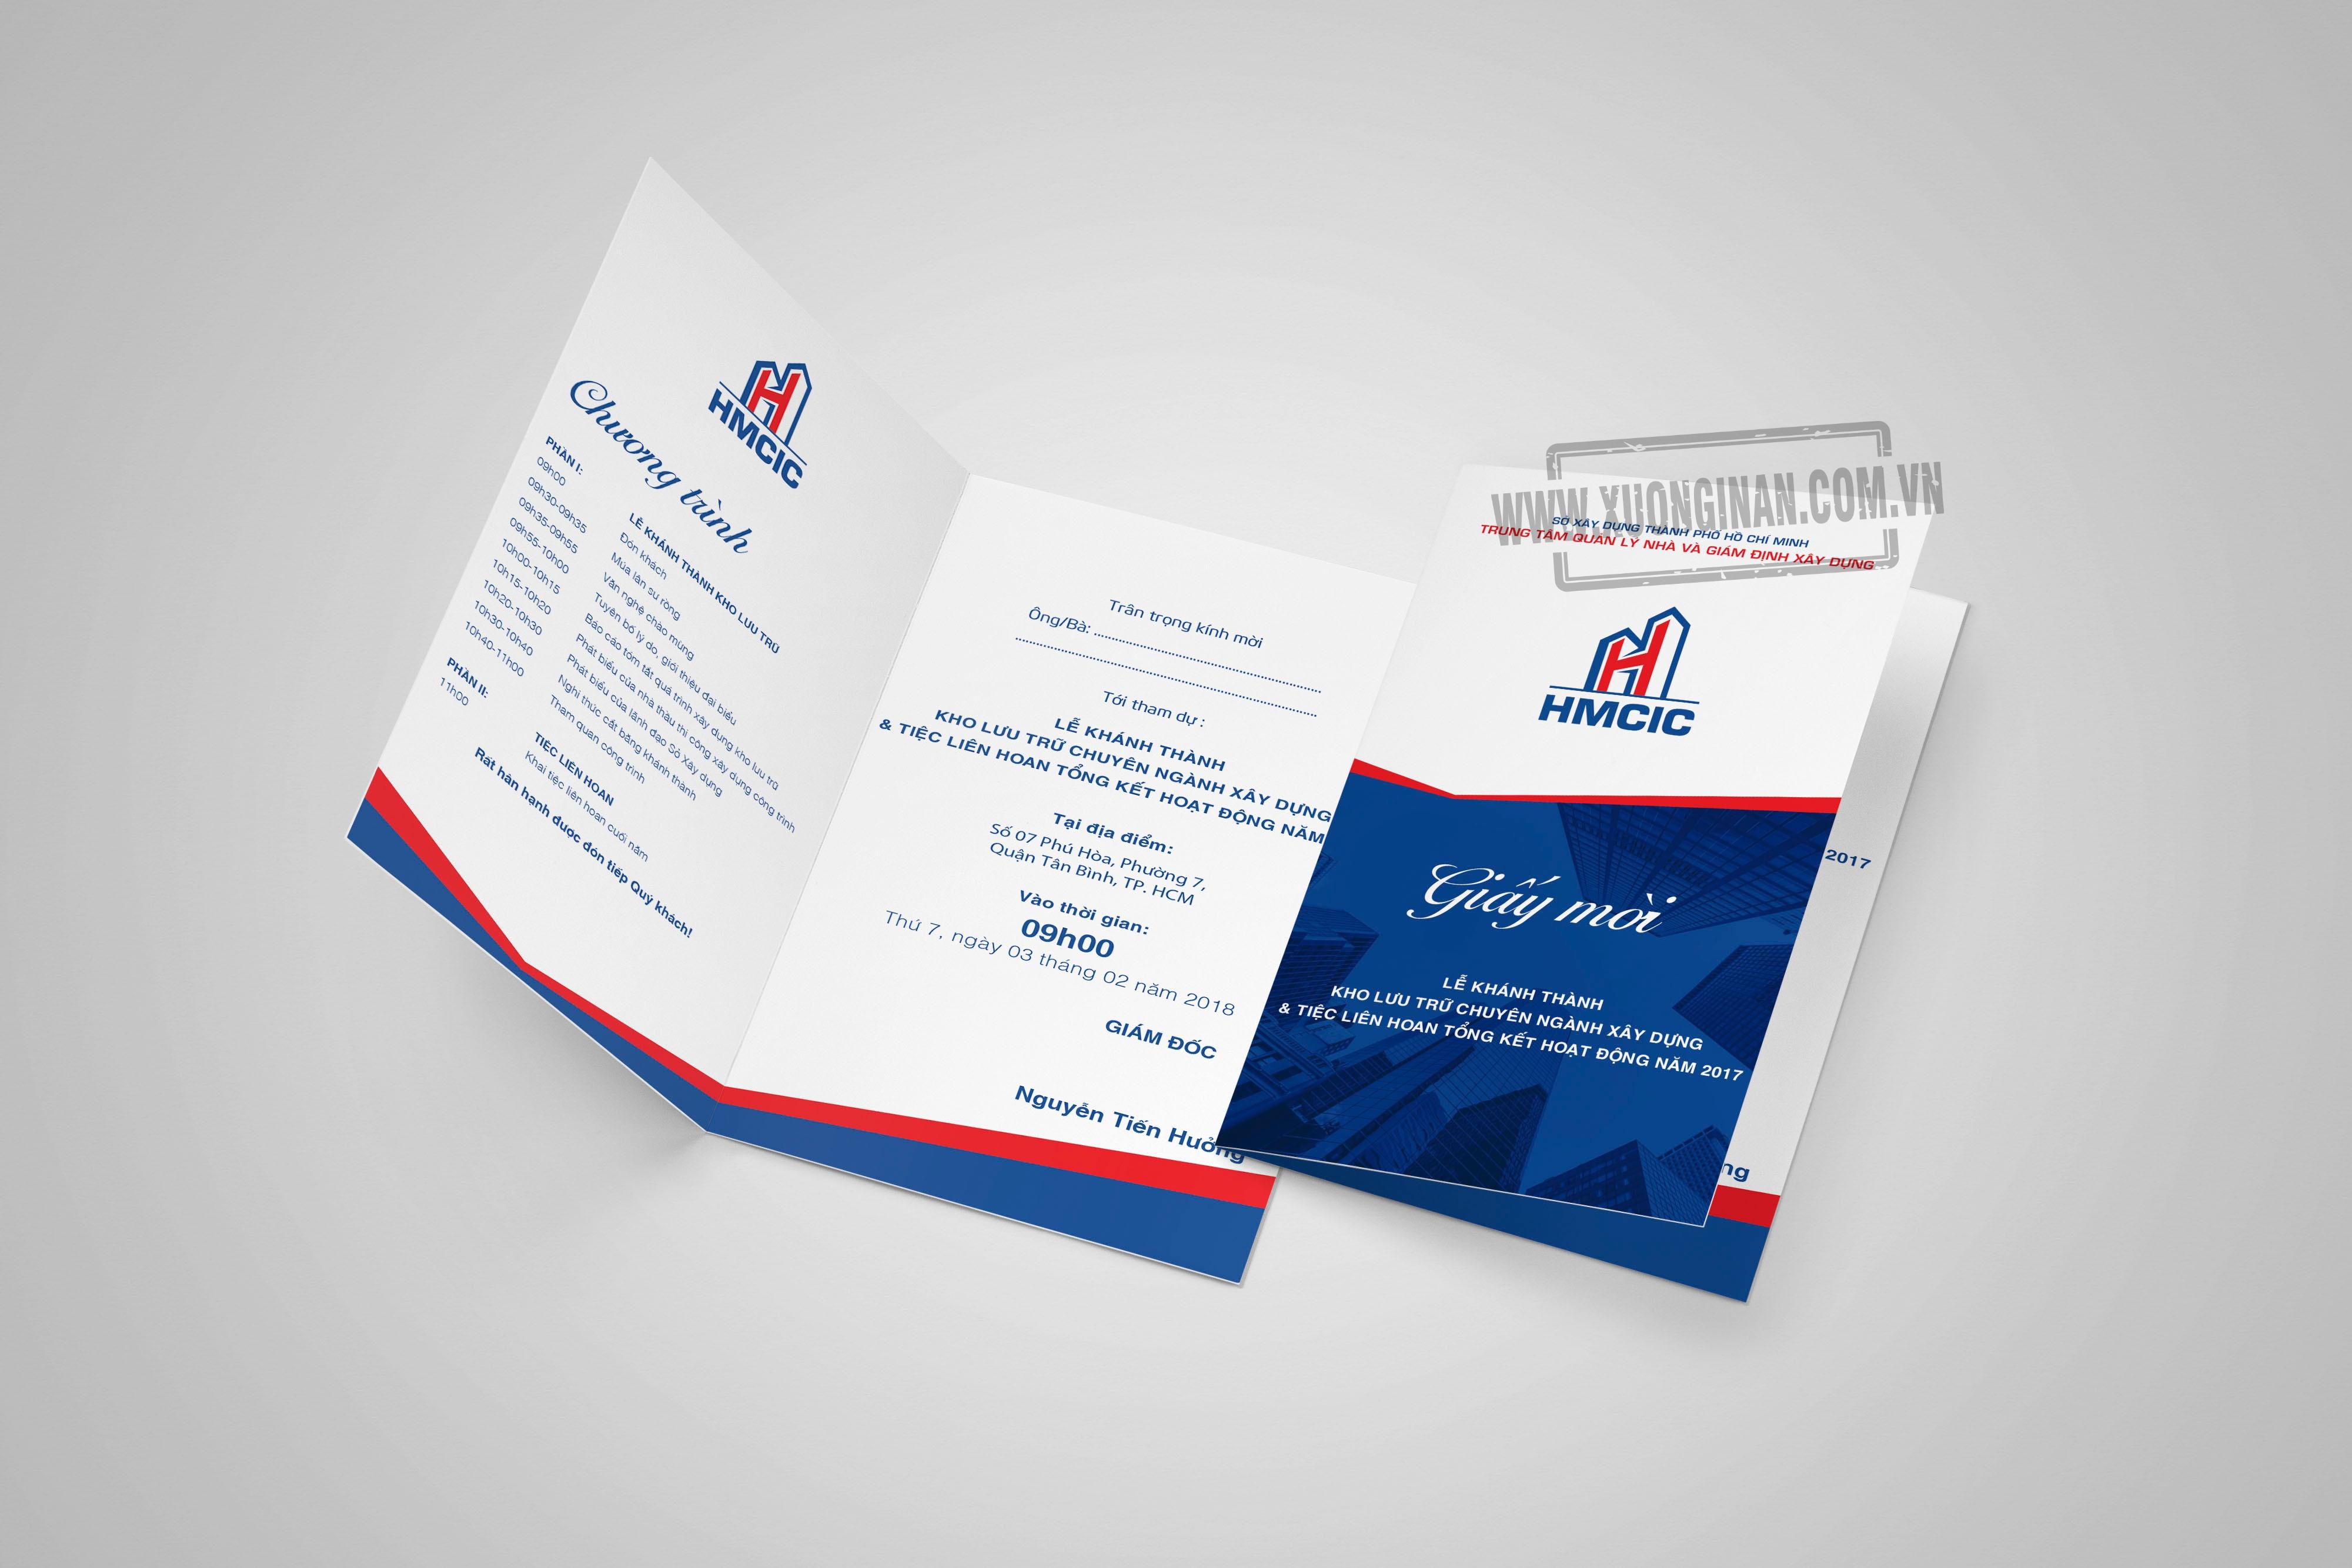 Trọn bộ ấn phẩm nhận diện thương hiệu cho HMCIC - In Thiệp Mời